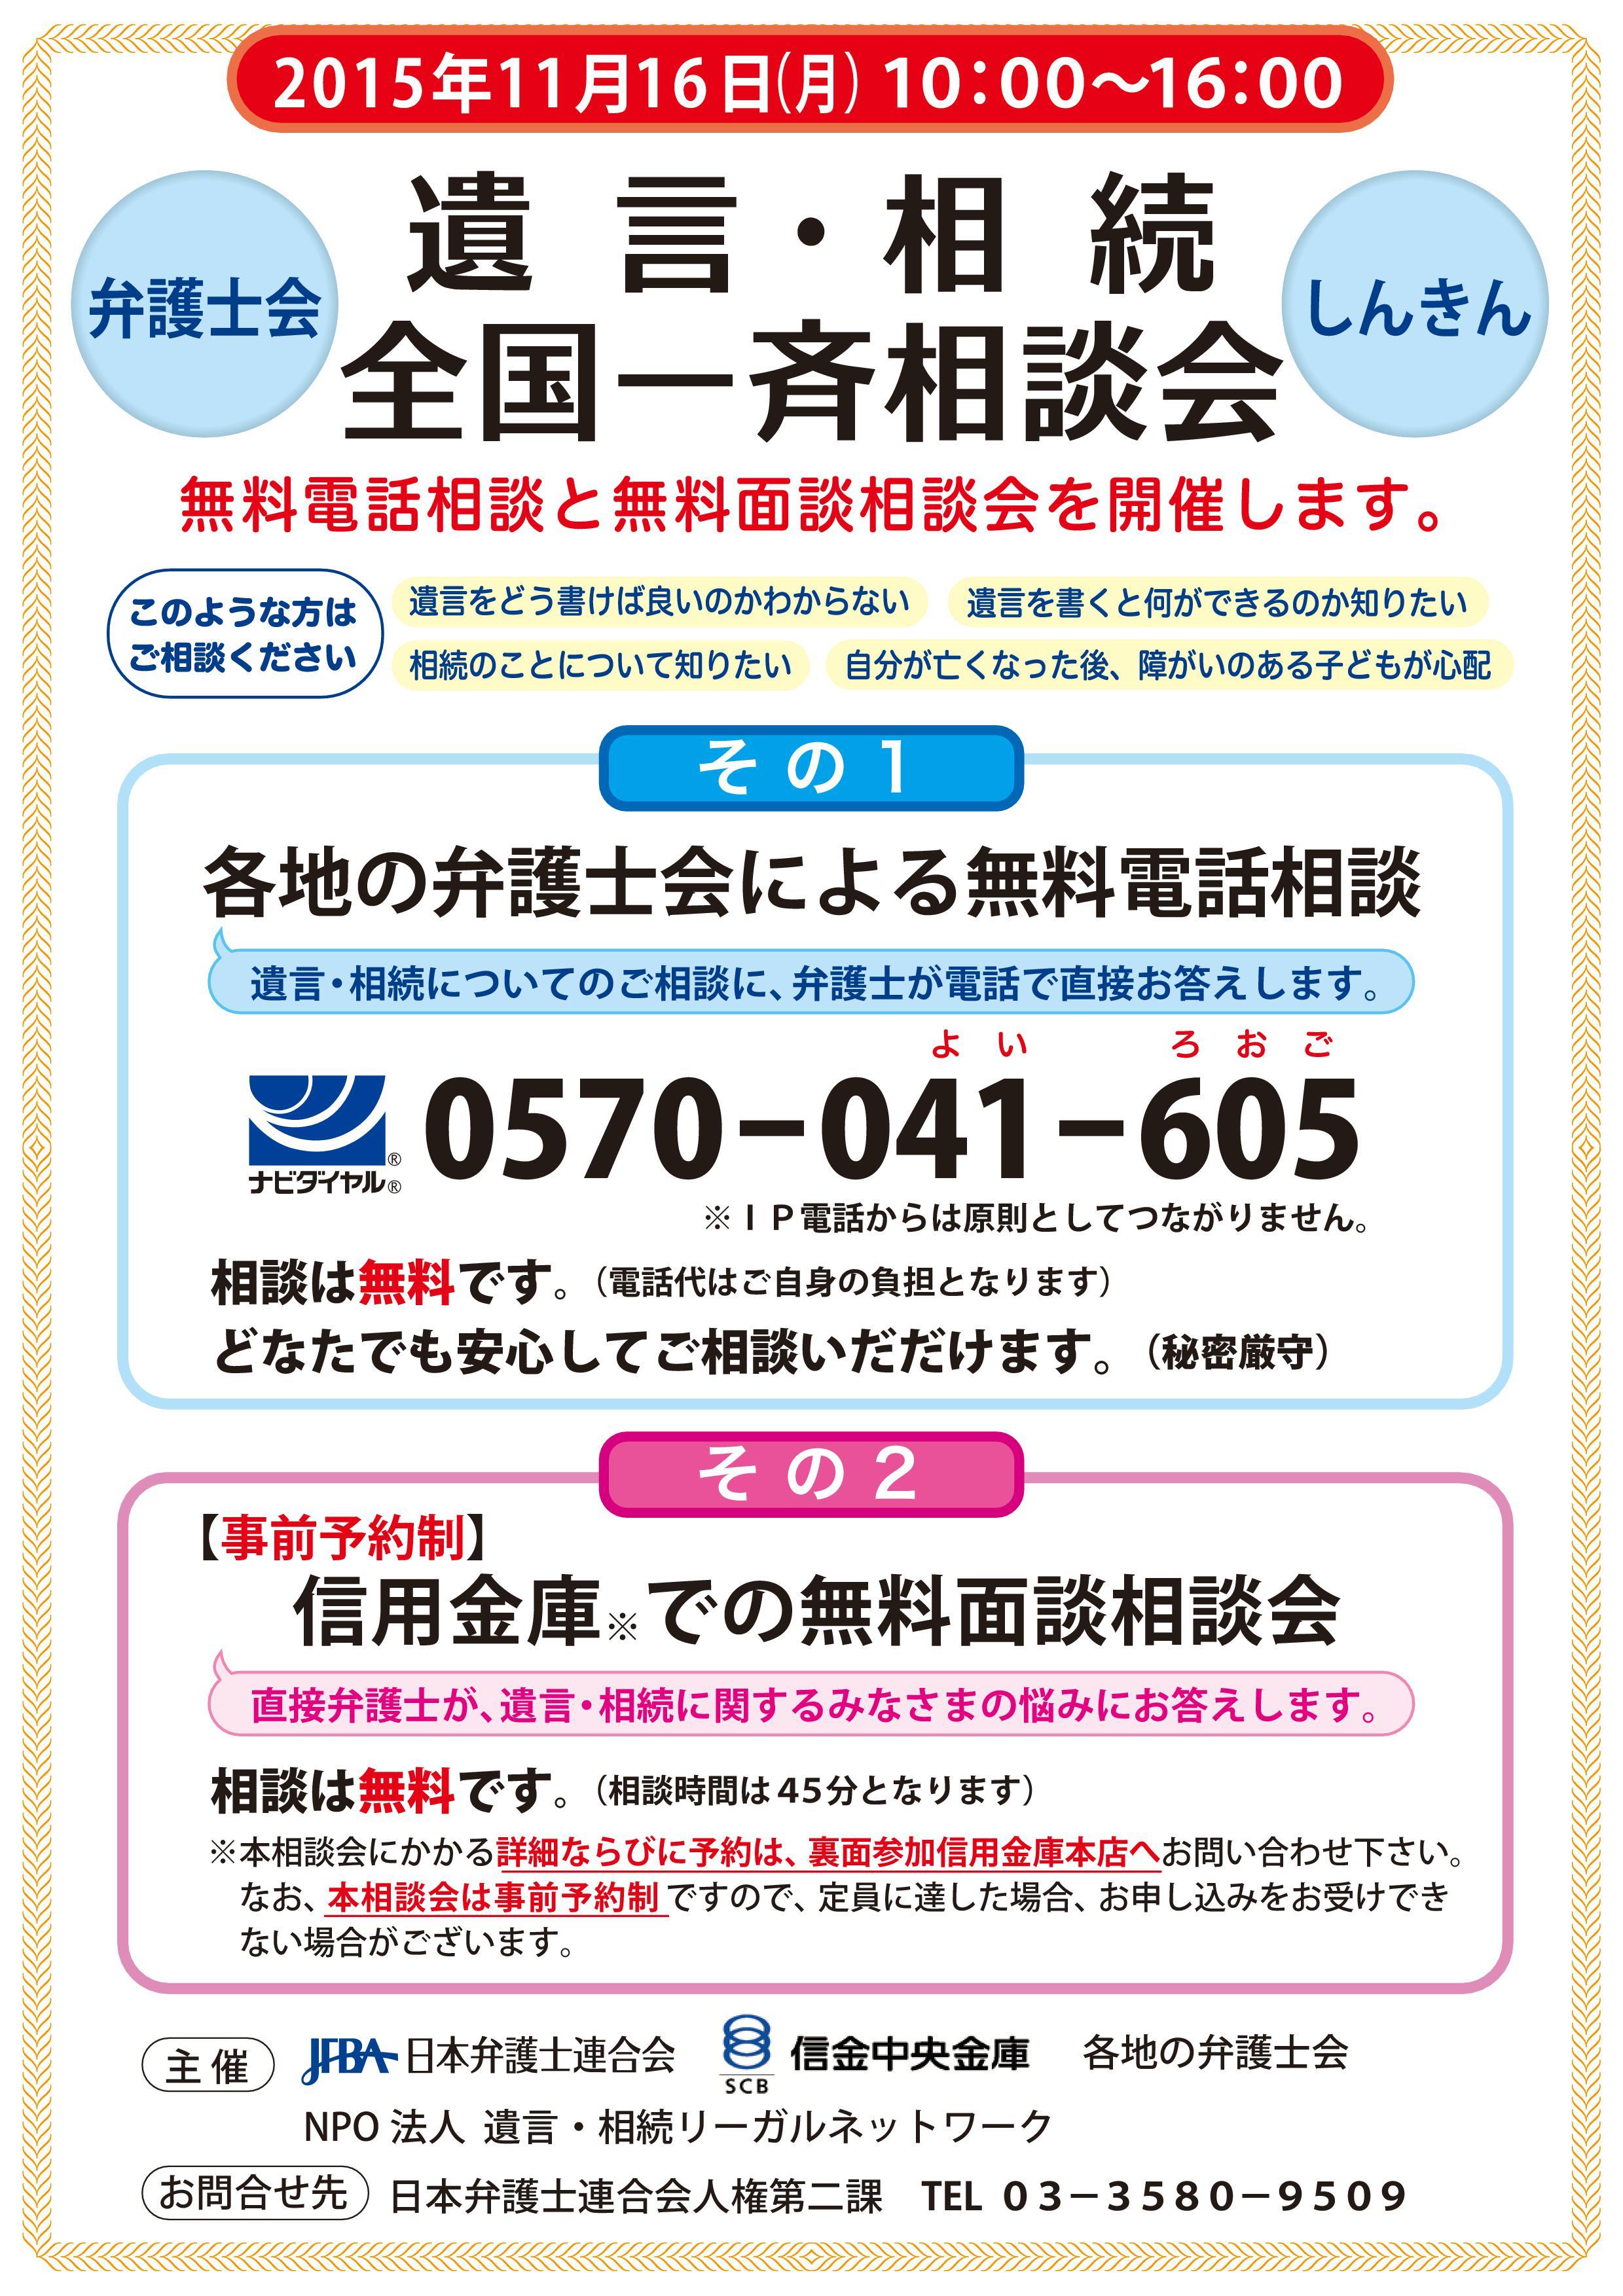 ★【確定版】遺言全国一斉相談チラシ-001